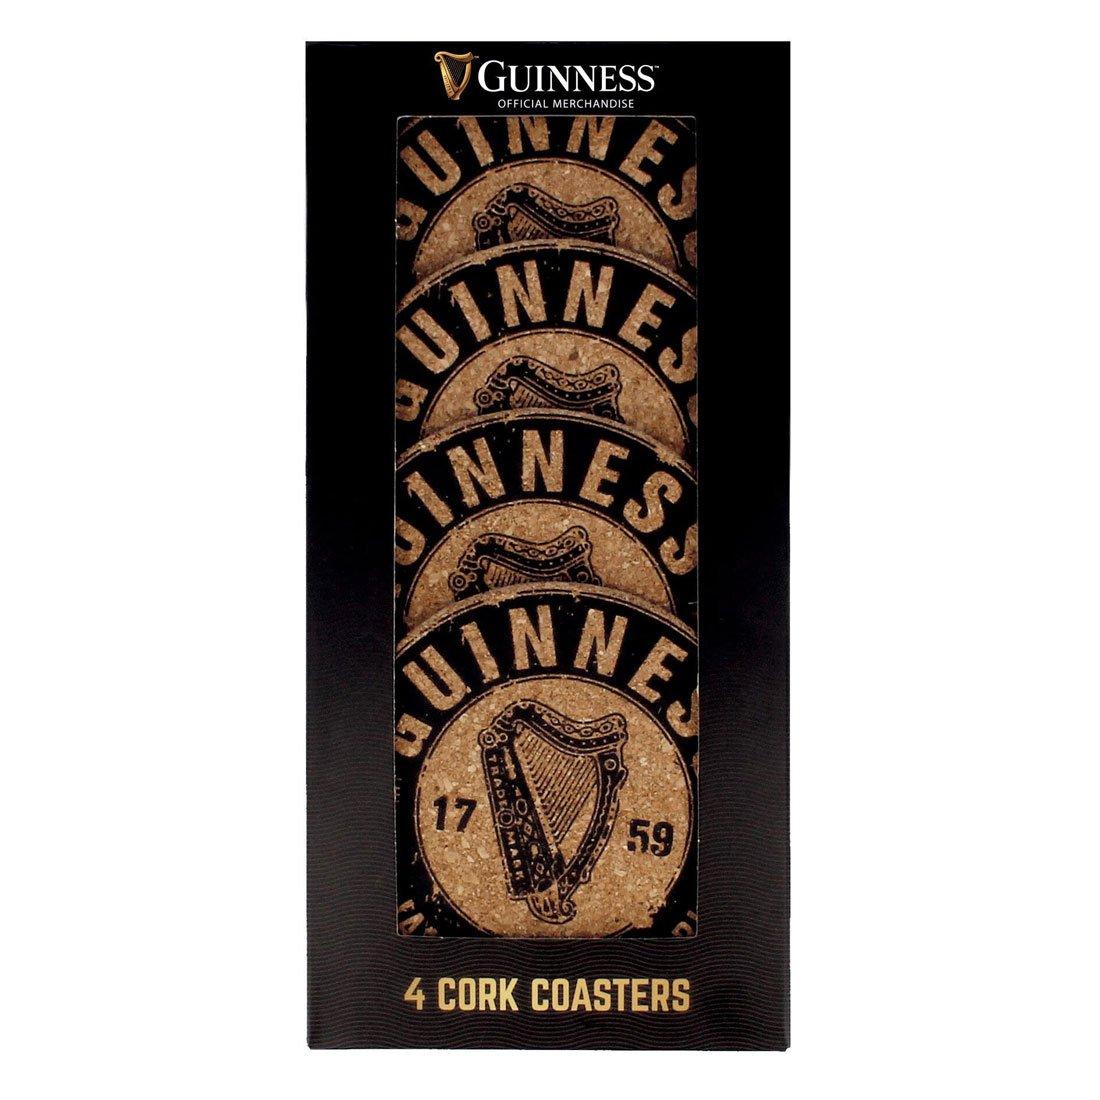 Sottobicchieri in sughero Guinness con Disegno Arpa e Scritta 1759 St. James's Gate - Viaggiare in Irlanda